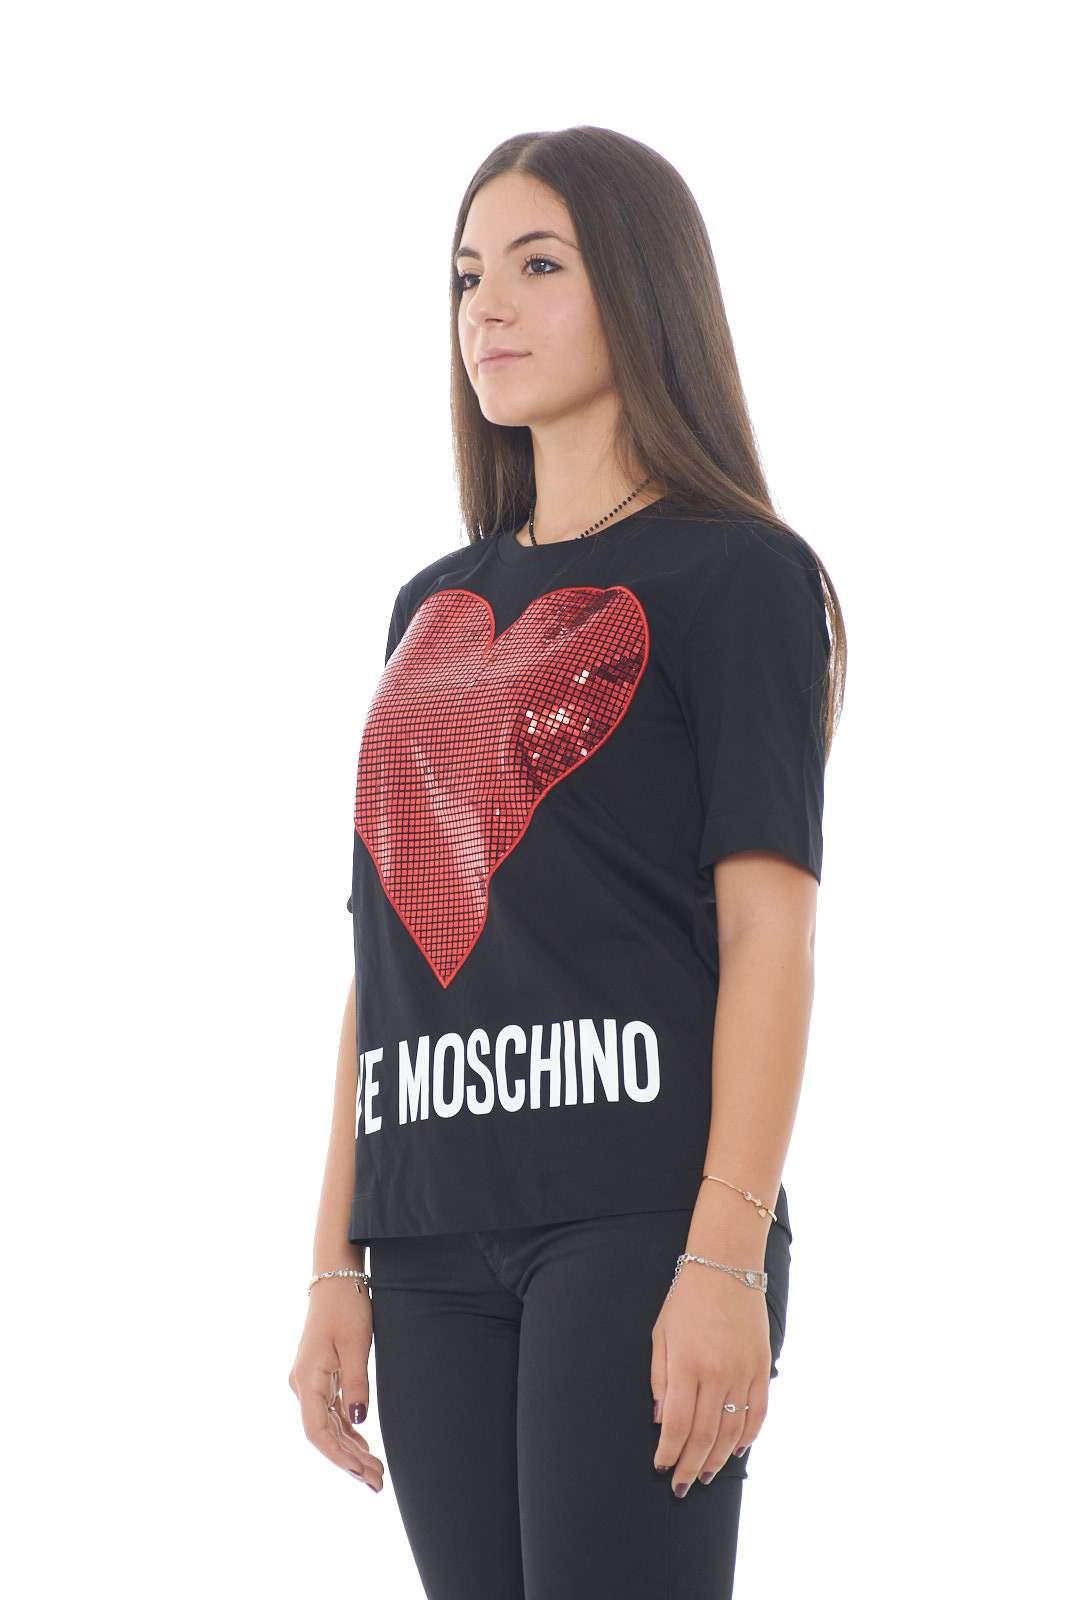 Una T shirt dal comodo cotone e dai particolari glamour quella proposta dalla collezione autunno inverno di Love Moschino. la vestibilità morbida è impreziosita dal cuore rivestito di paillettes e dalla scritta lettering. Da abbinare ad un pantalone o ad un jeans, è un essential della nuova stagione.